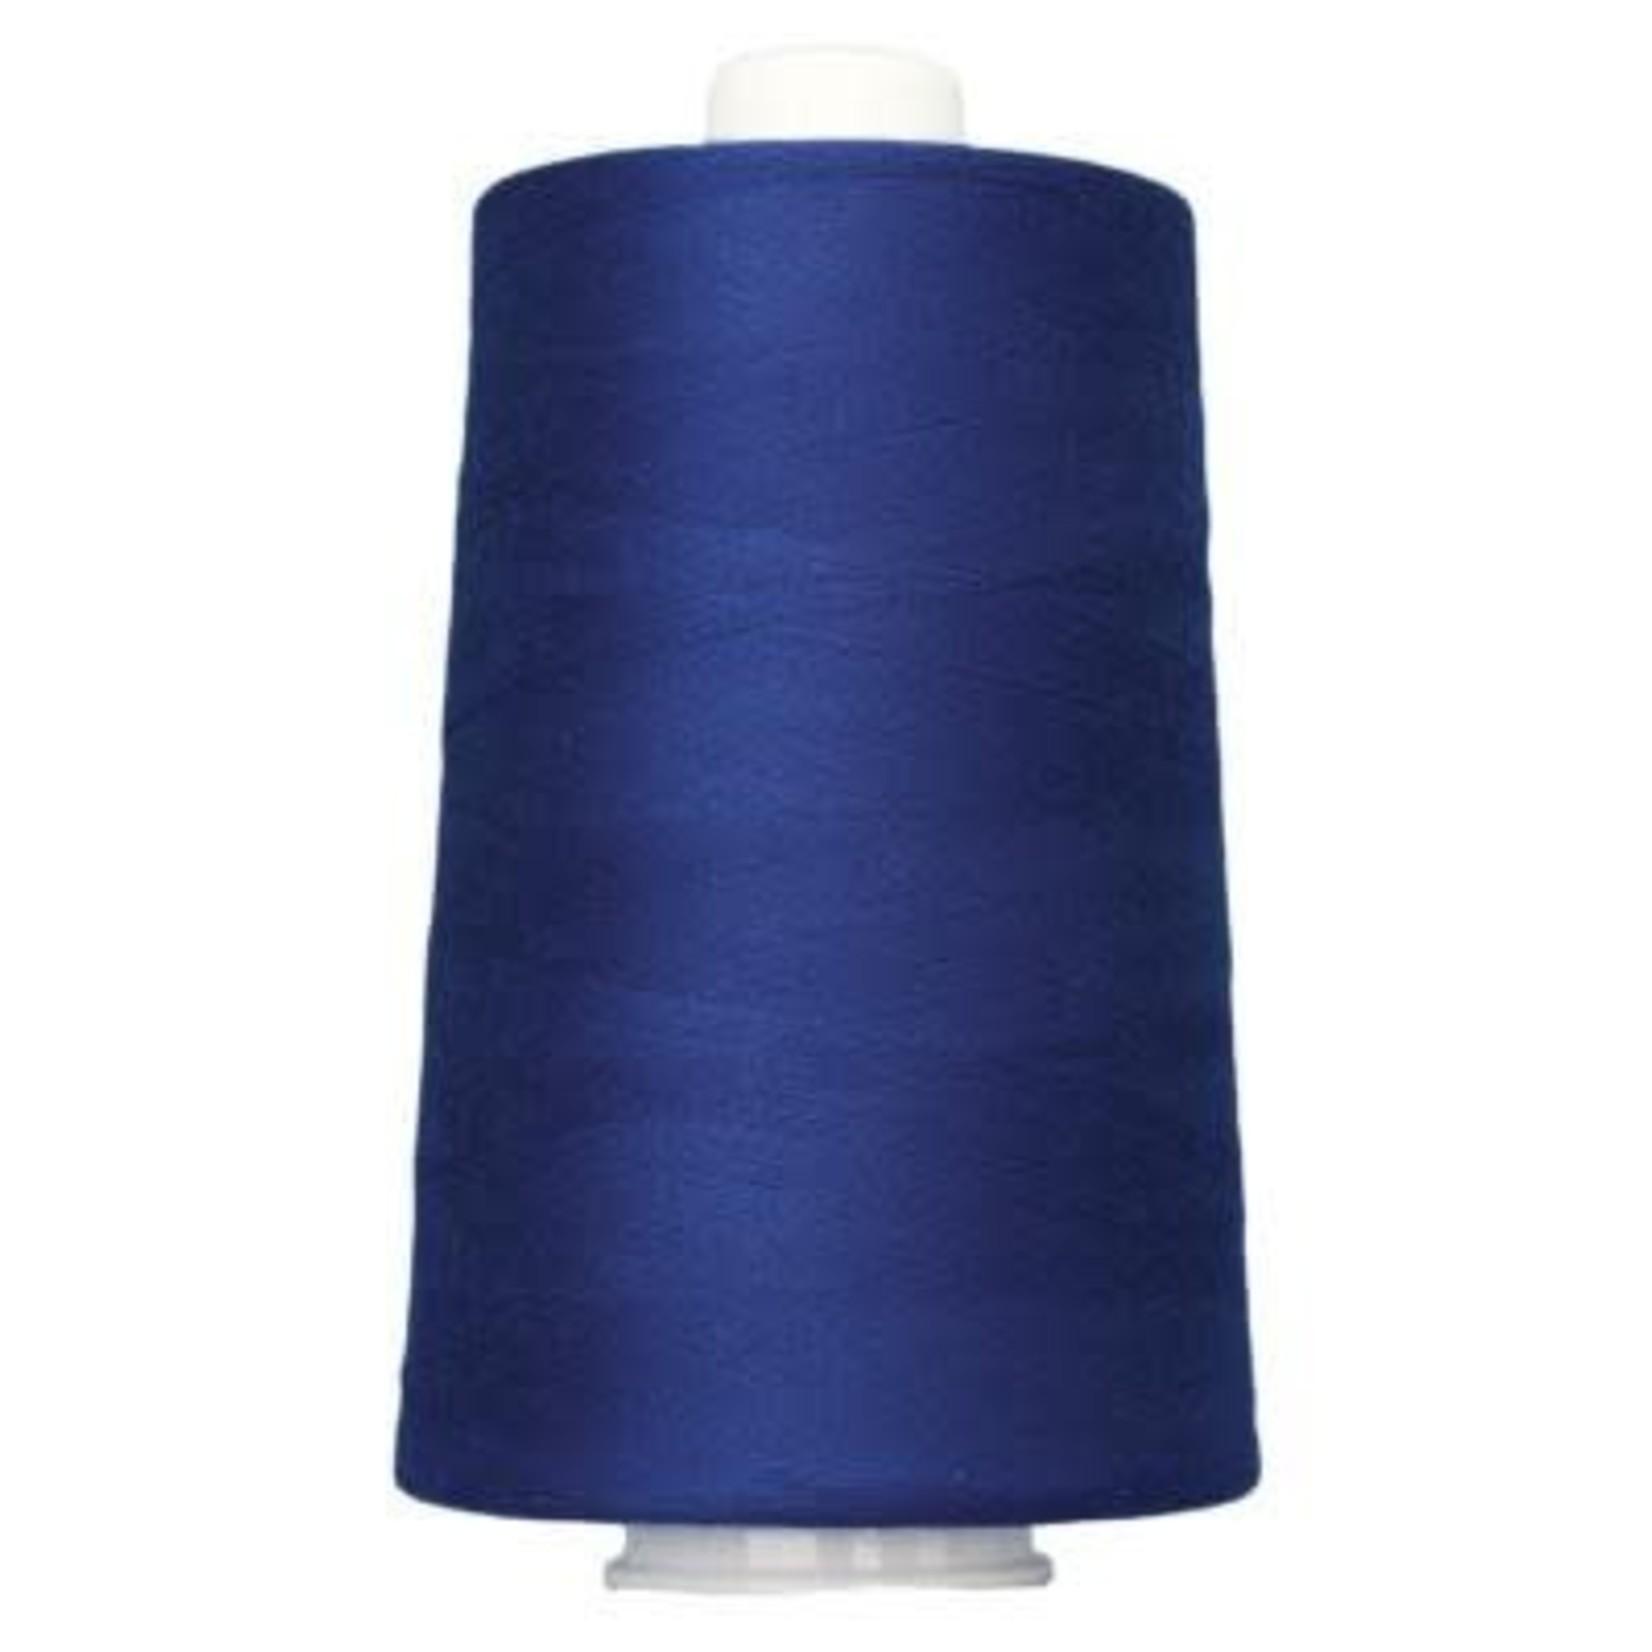 Superior Threads Omni 3108 Royal Blue 6000 Yards